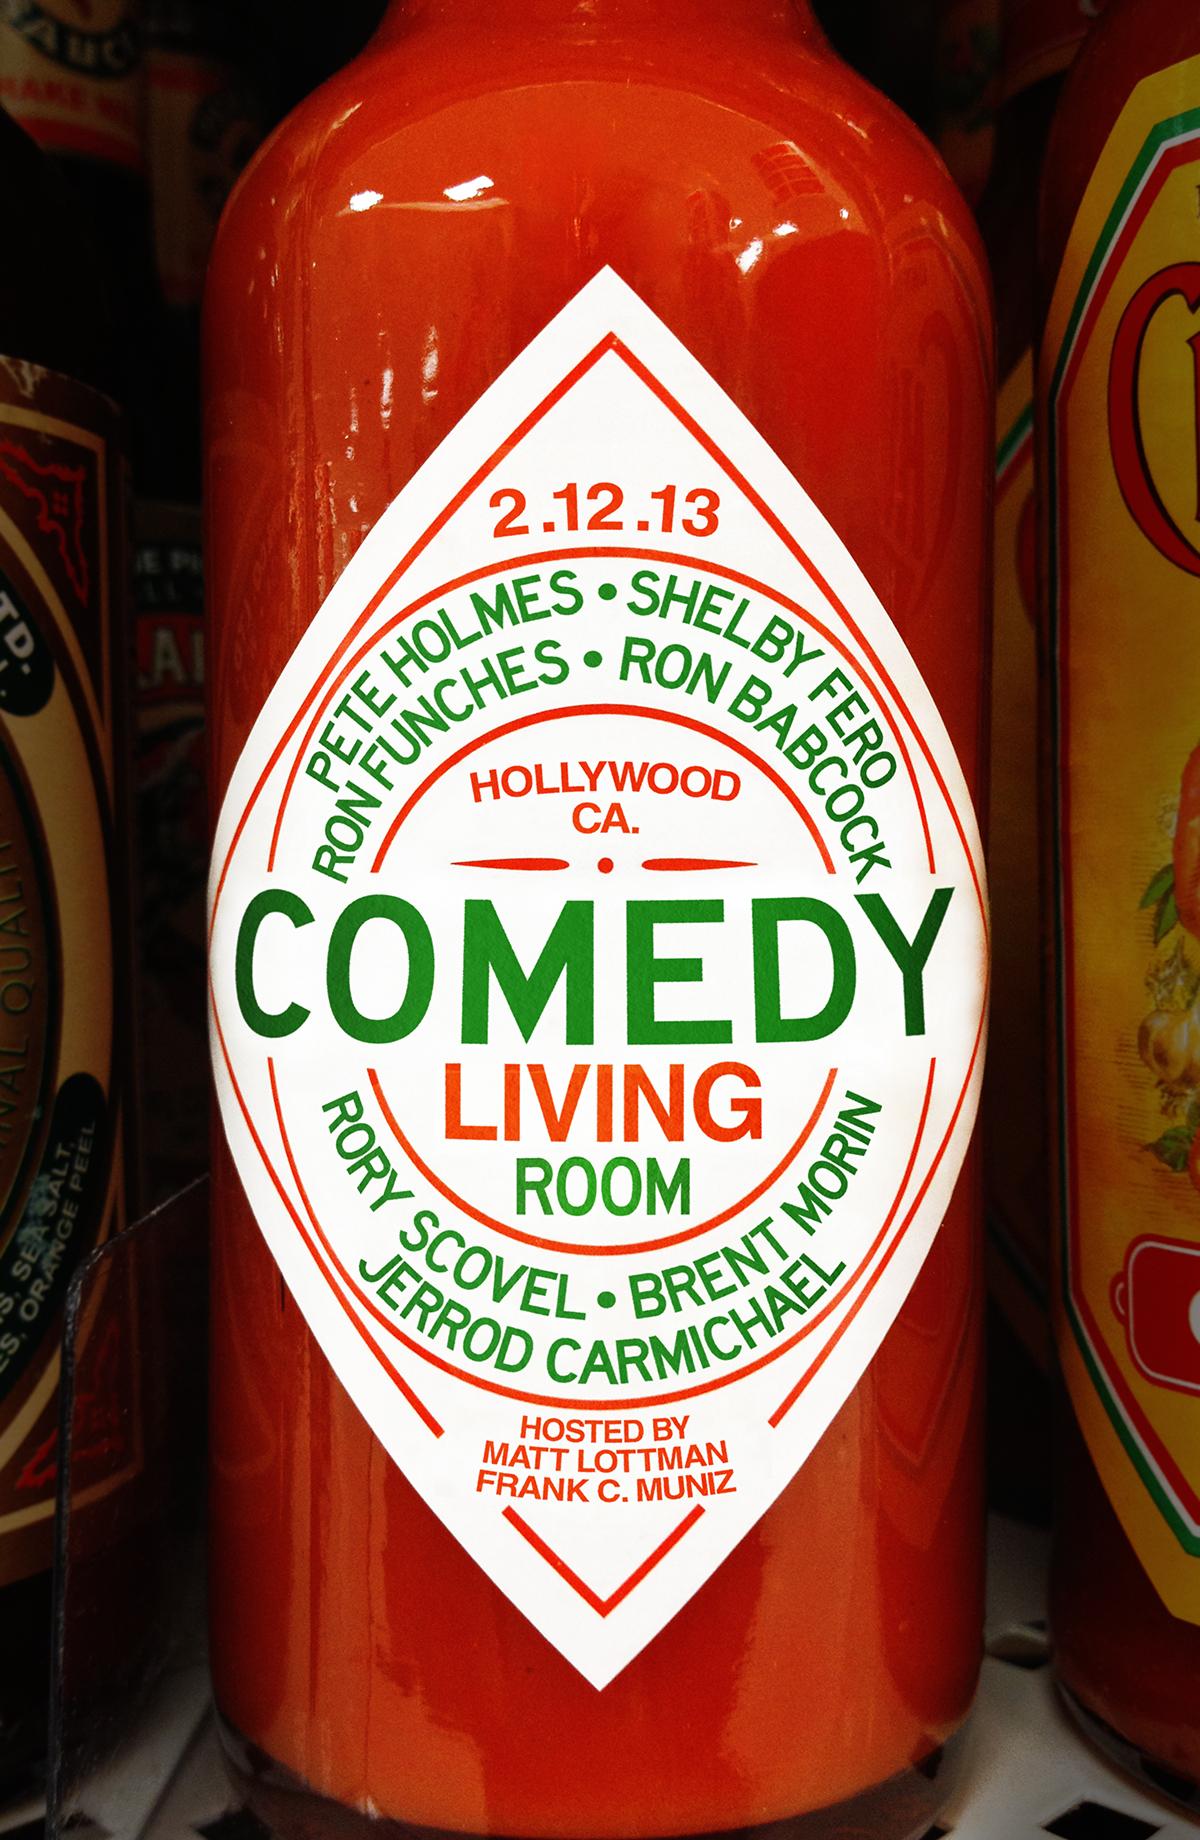 Comedy Living Room - February 2013